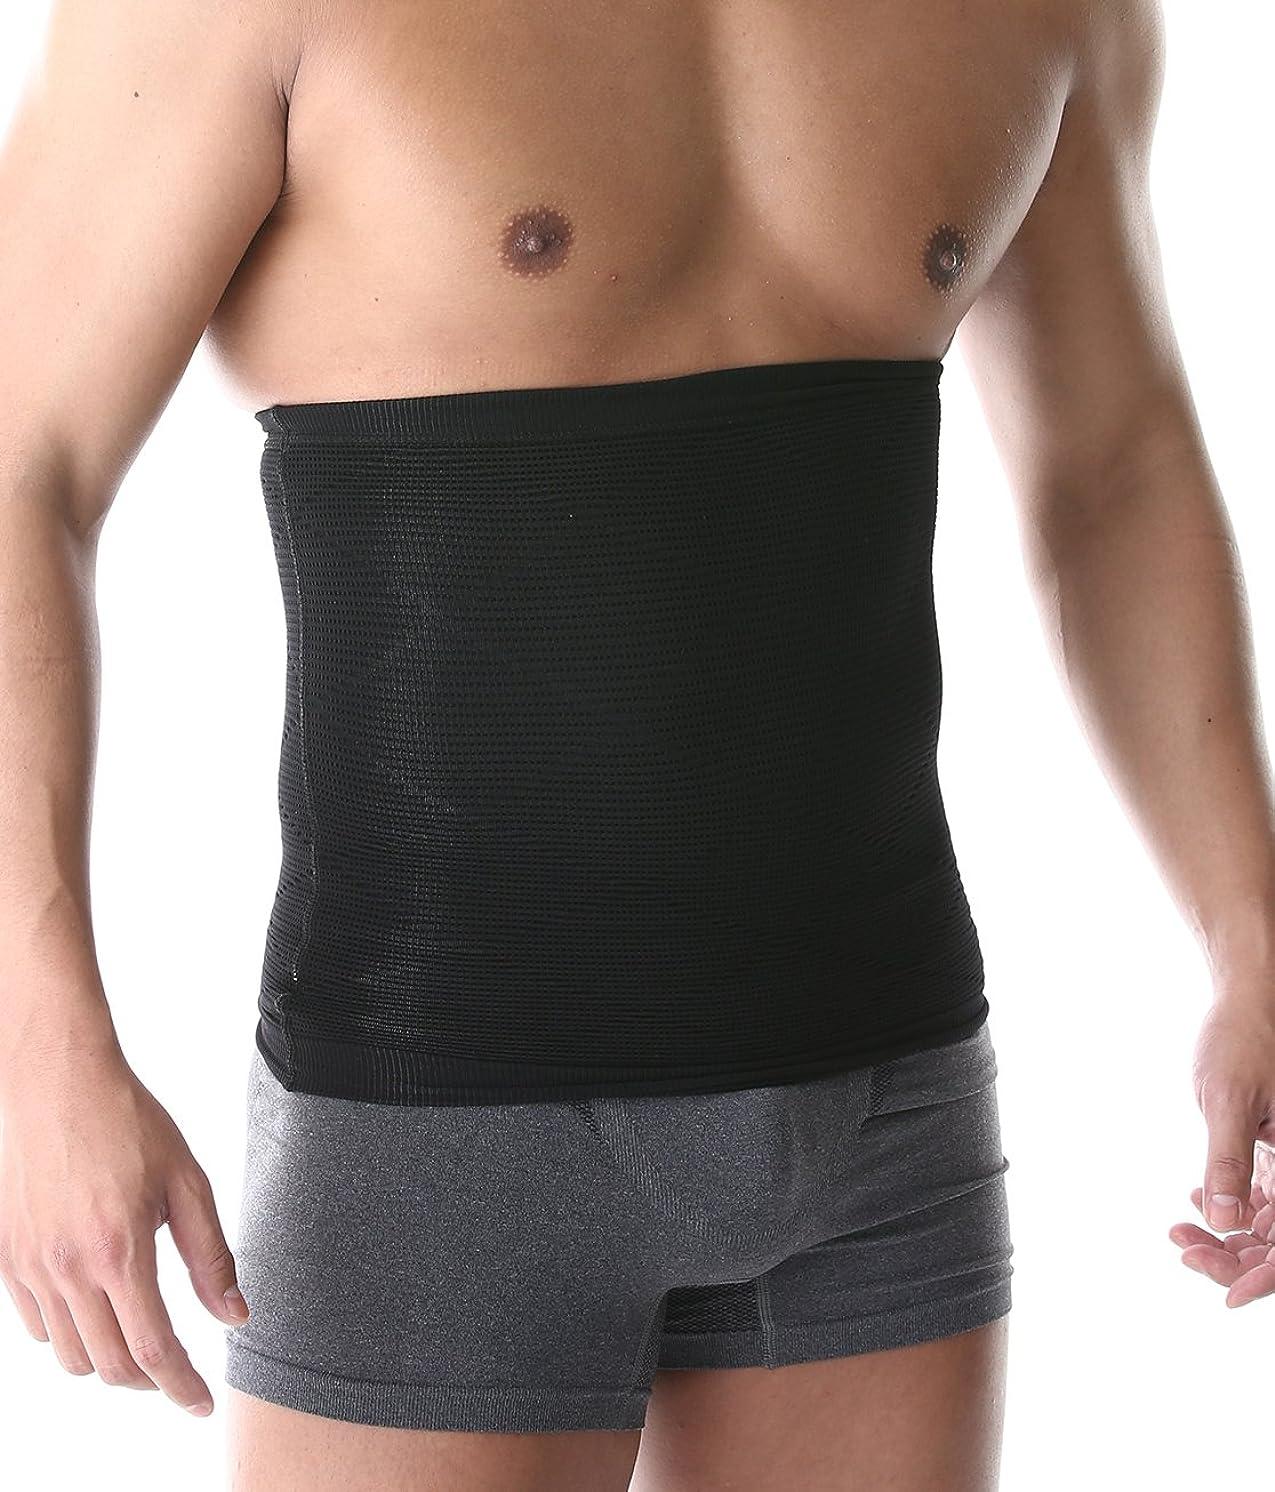 上記の頭と肩熟考するウッズSPORTIA 加圧 ウエストサポーター 腹巻 お腹 引き締め ダイエット 男女兼用 ブラック L